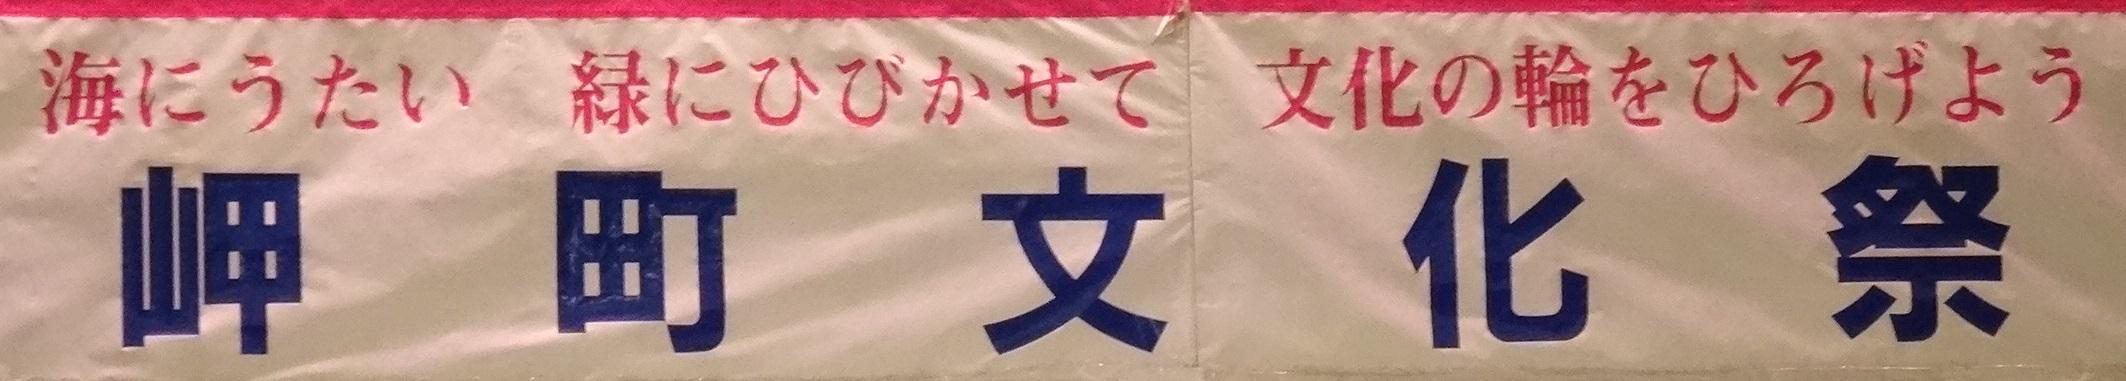 第32回岬町文化祭  in  海風館&淡輪公民館       by    (TATE-misaki)_c0108460_15215280.jpg